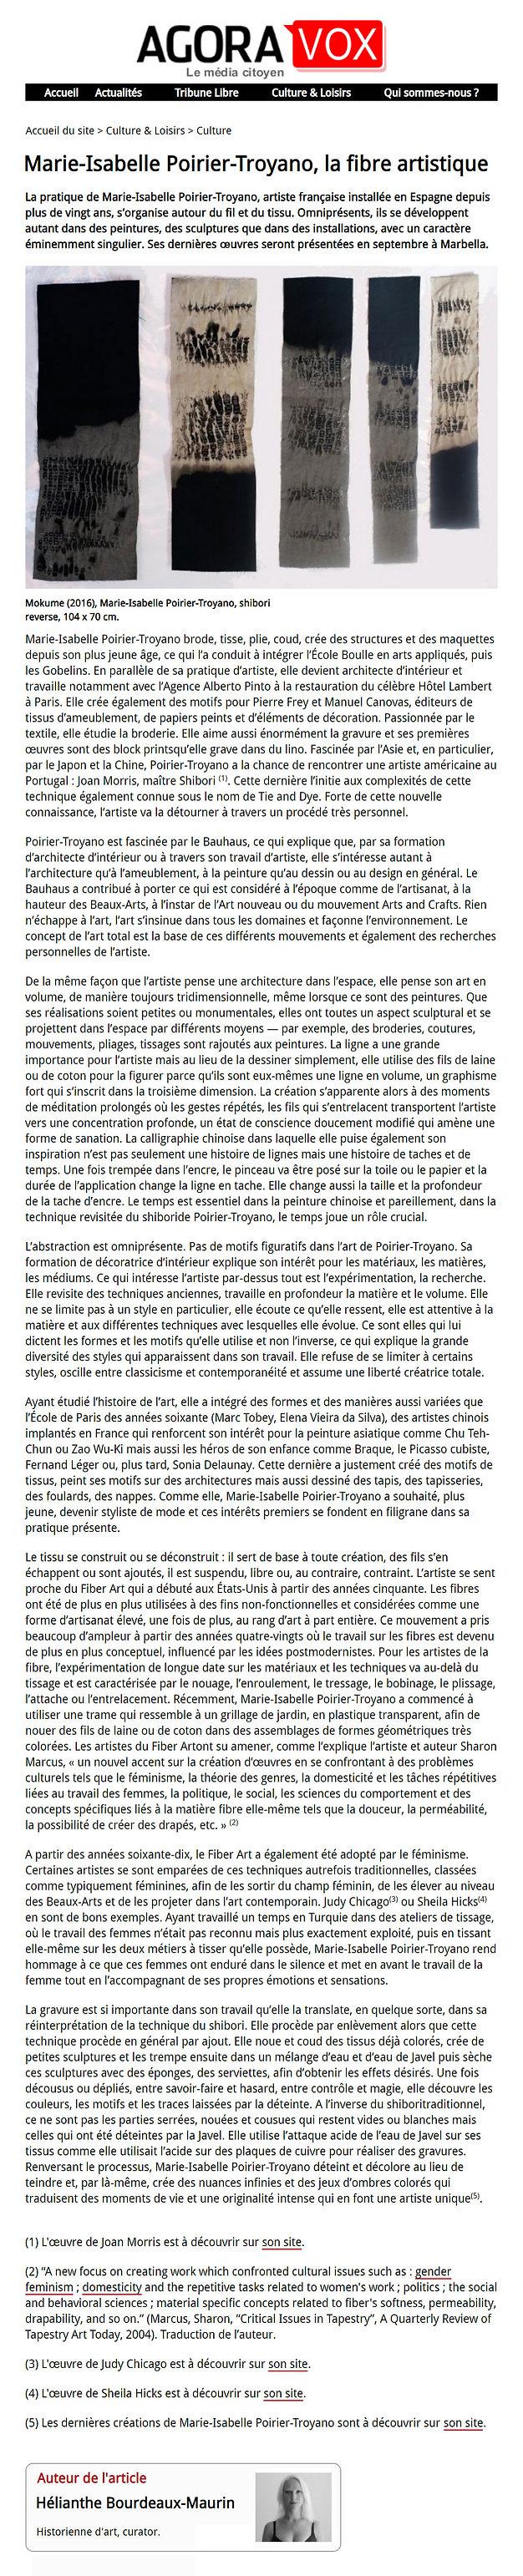 PRESS-Article-d'Hélianthe-Bourdeaux-Maur